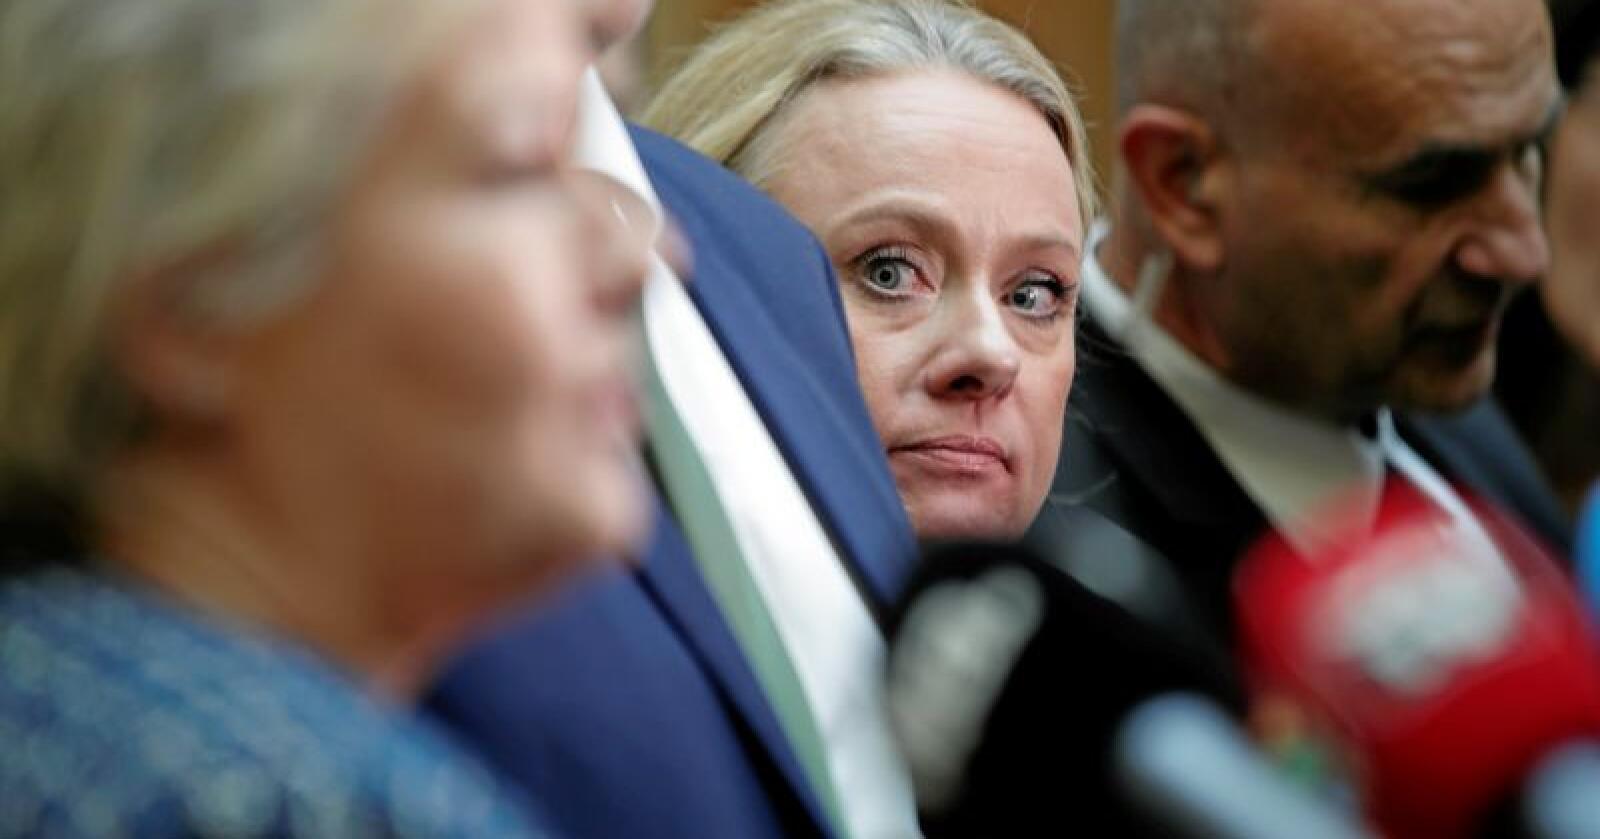 Fengslende: Arbeids- og sosialminister Anniken Hauglie (H) er konstitusjonelt ansvarlig for at mange er strafforfulgt på feil grunnlag. Foto: Stian Lysberg Solum / NTB scanpix